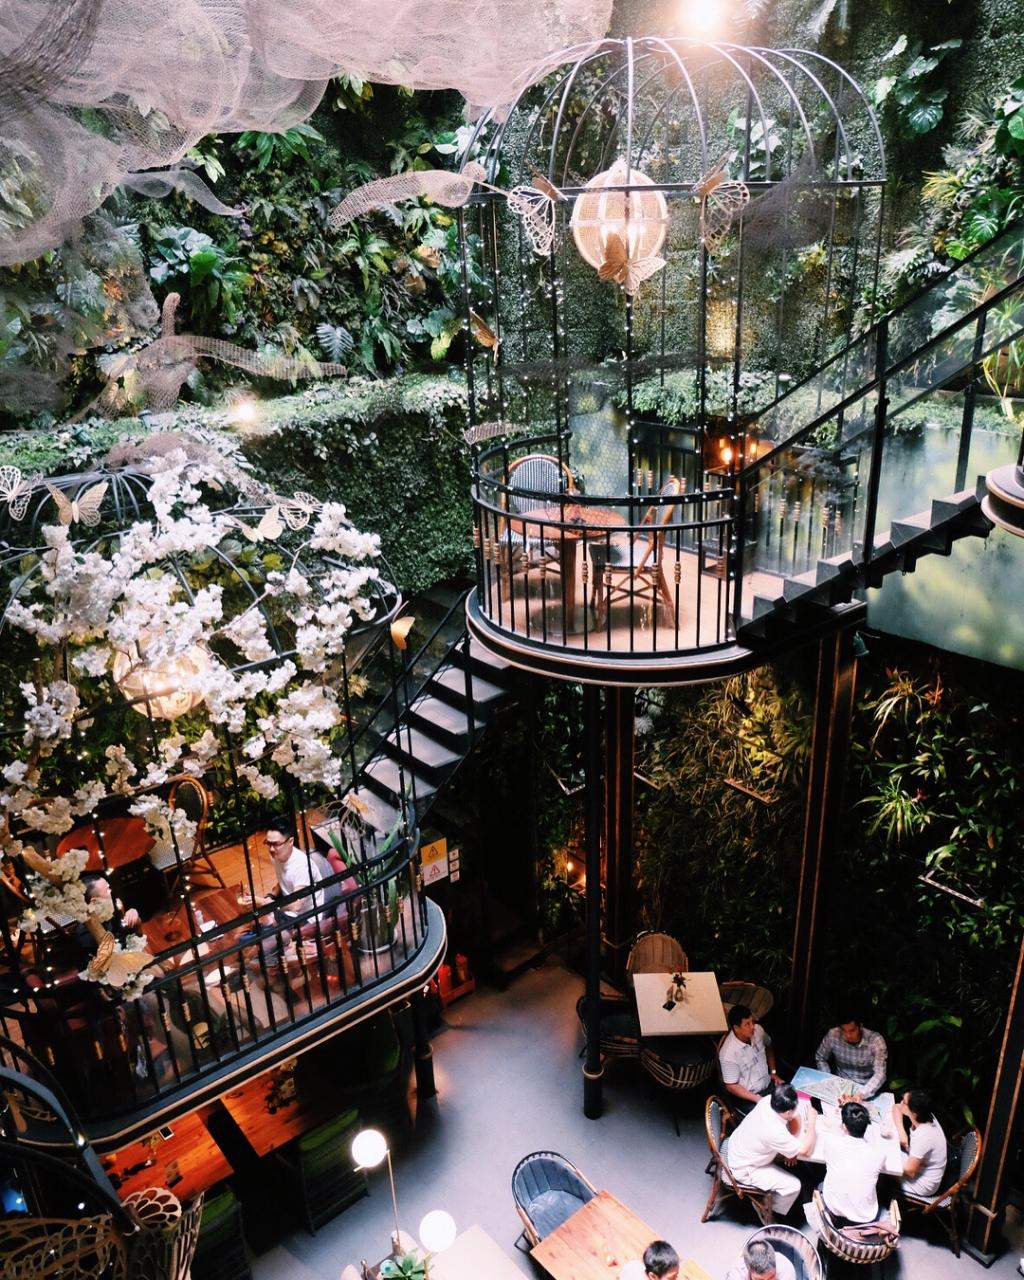 Terrace Cafe - Quán cafe lồng chim siêu đẹp tại Sài Gòn